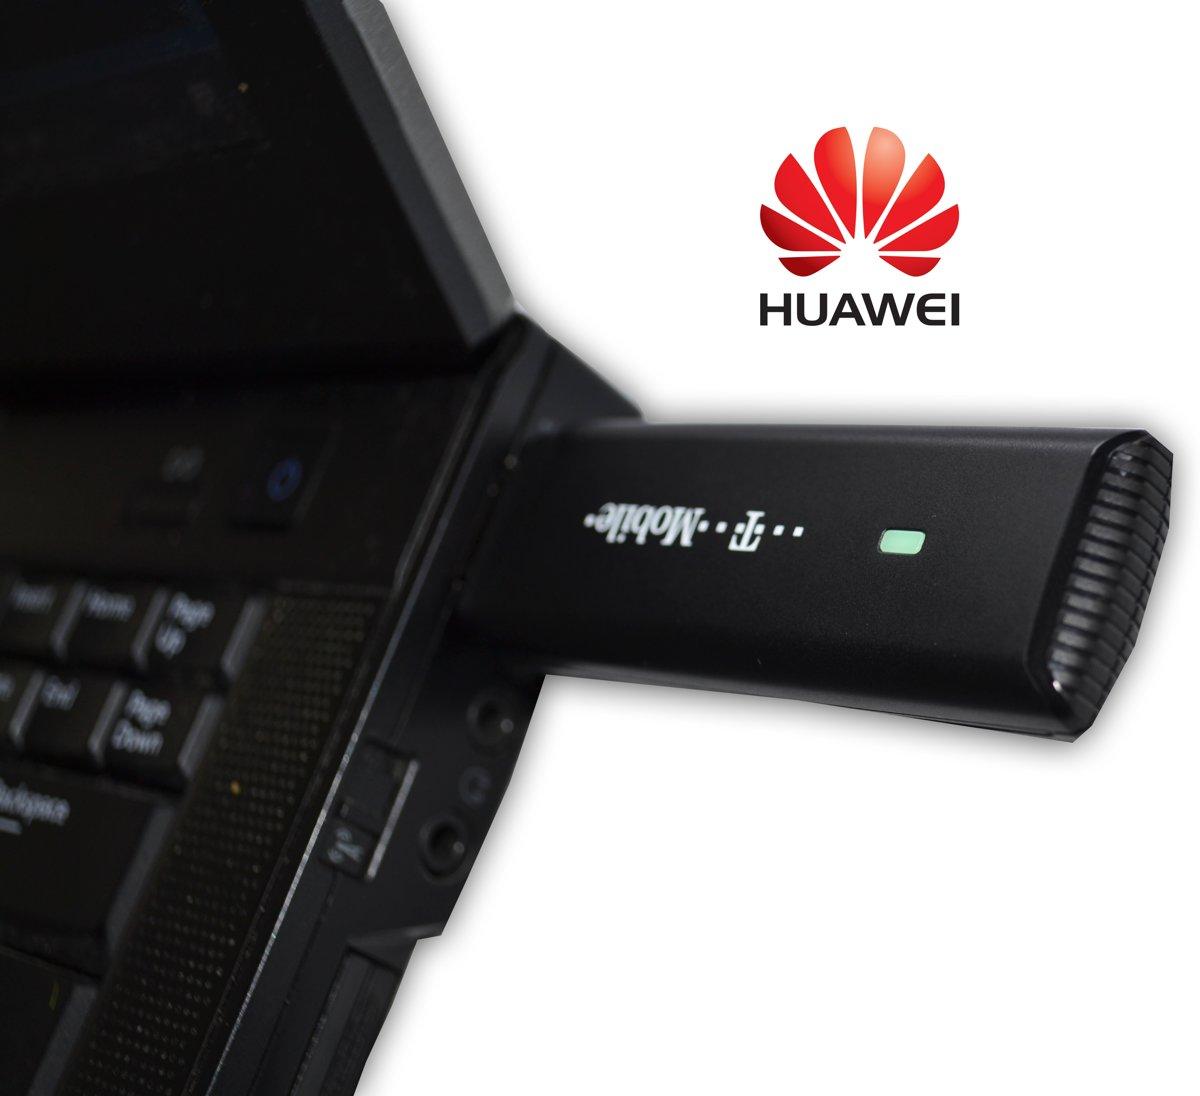 3G modem dongel Huawei e1750 een bekend 3g modem scherp geprijsd kopen